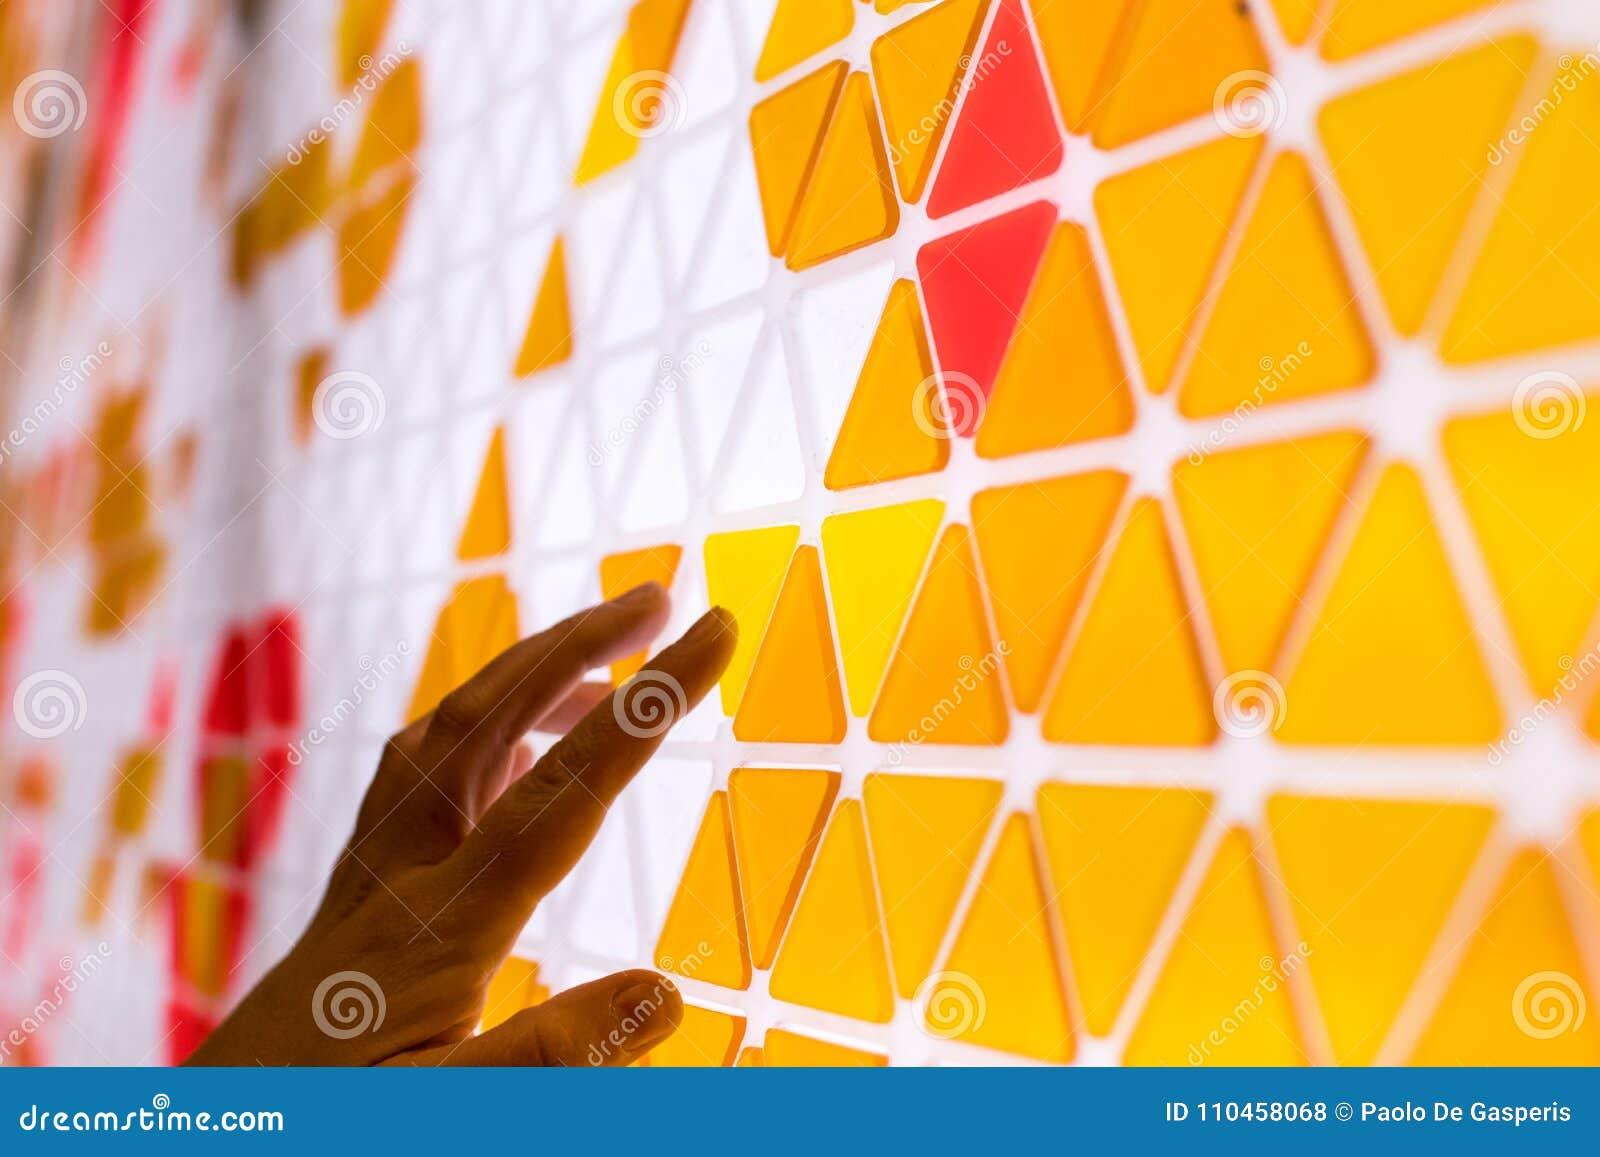 Tessellation av en nivå med orange och röd kulöra triaen den guling,